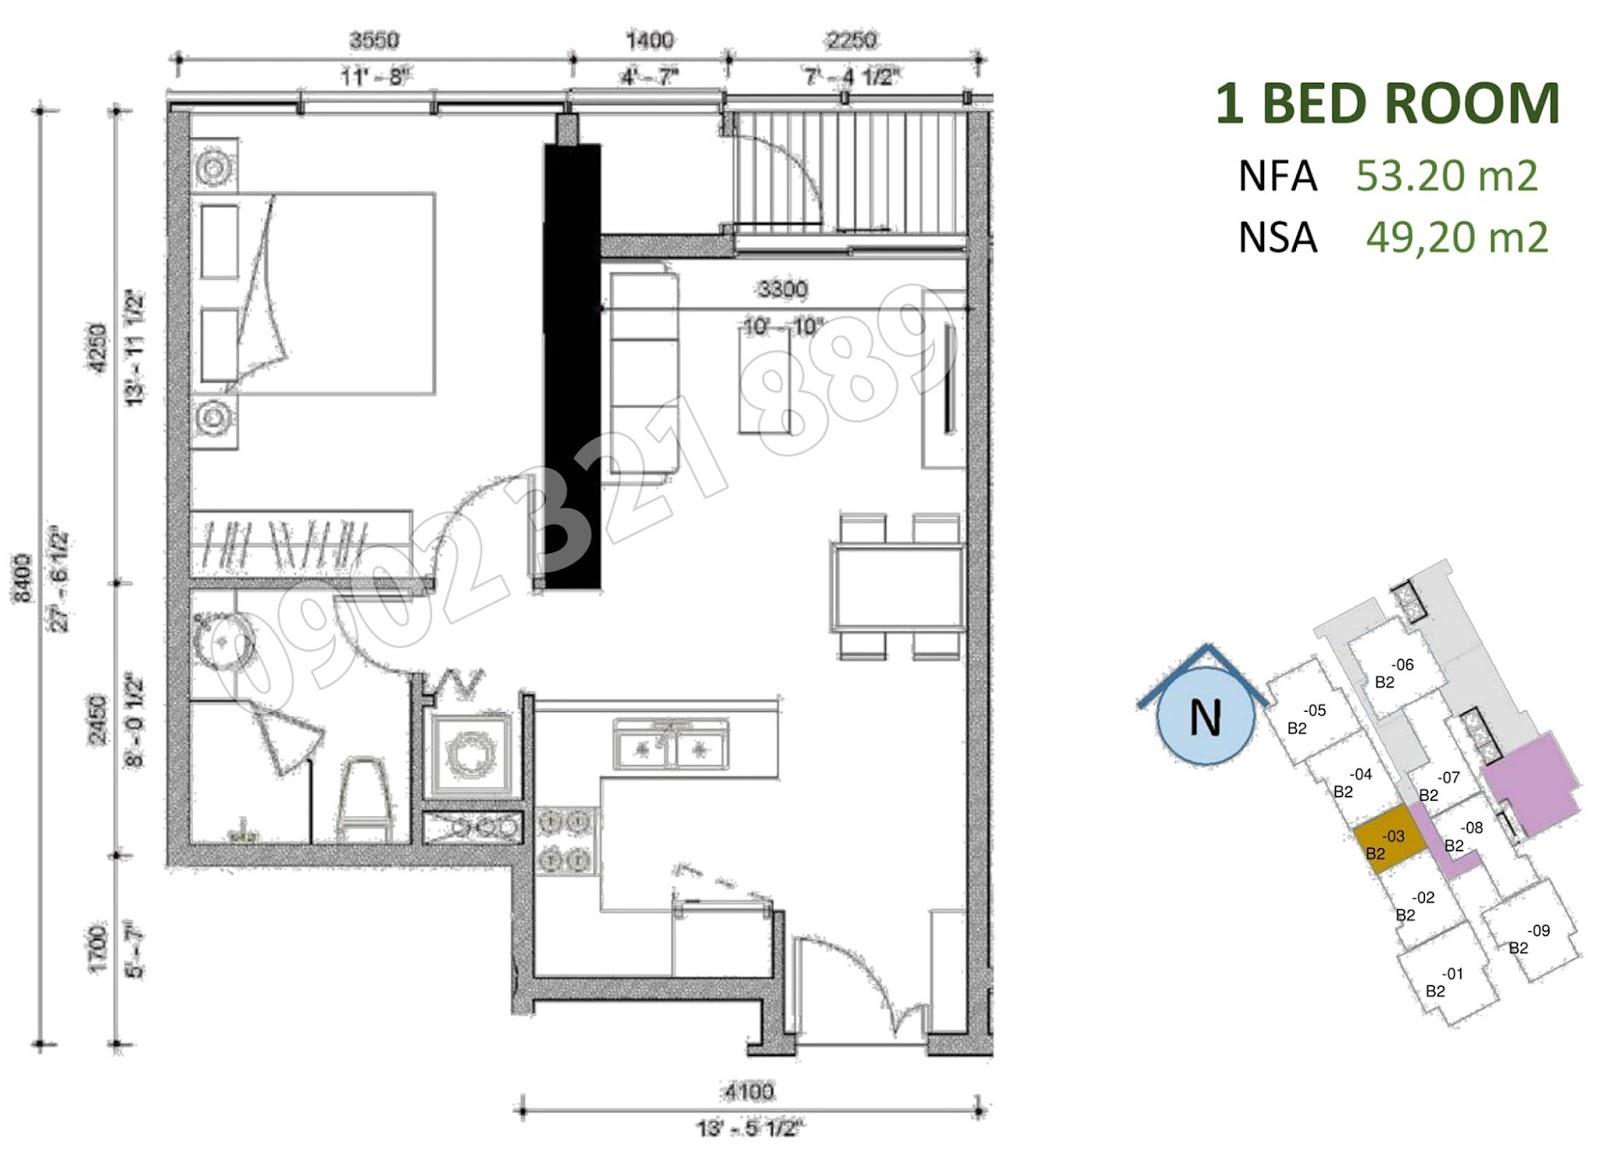 mặt bằng căn hộ sunwah pearl 1 phòng ngủ B2-03